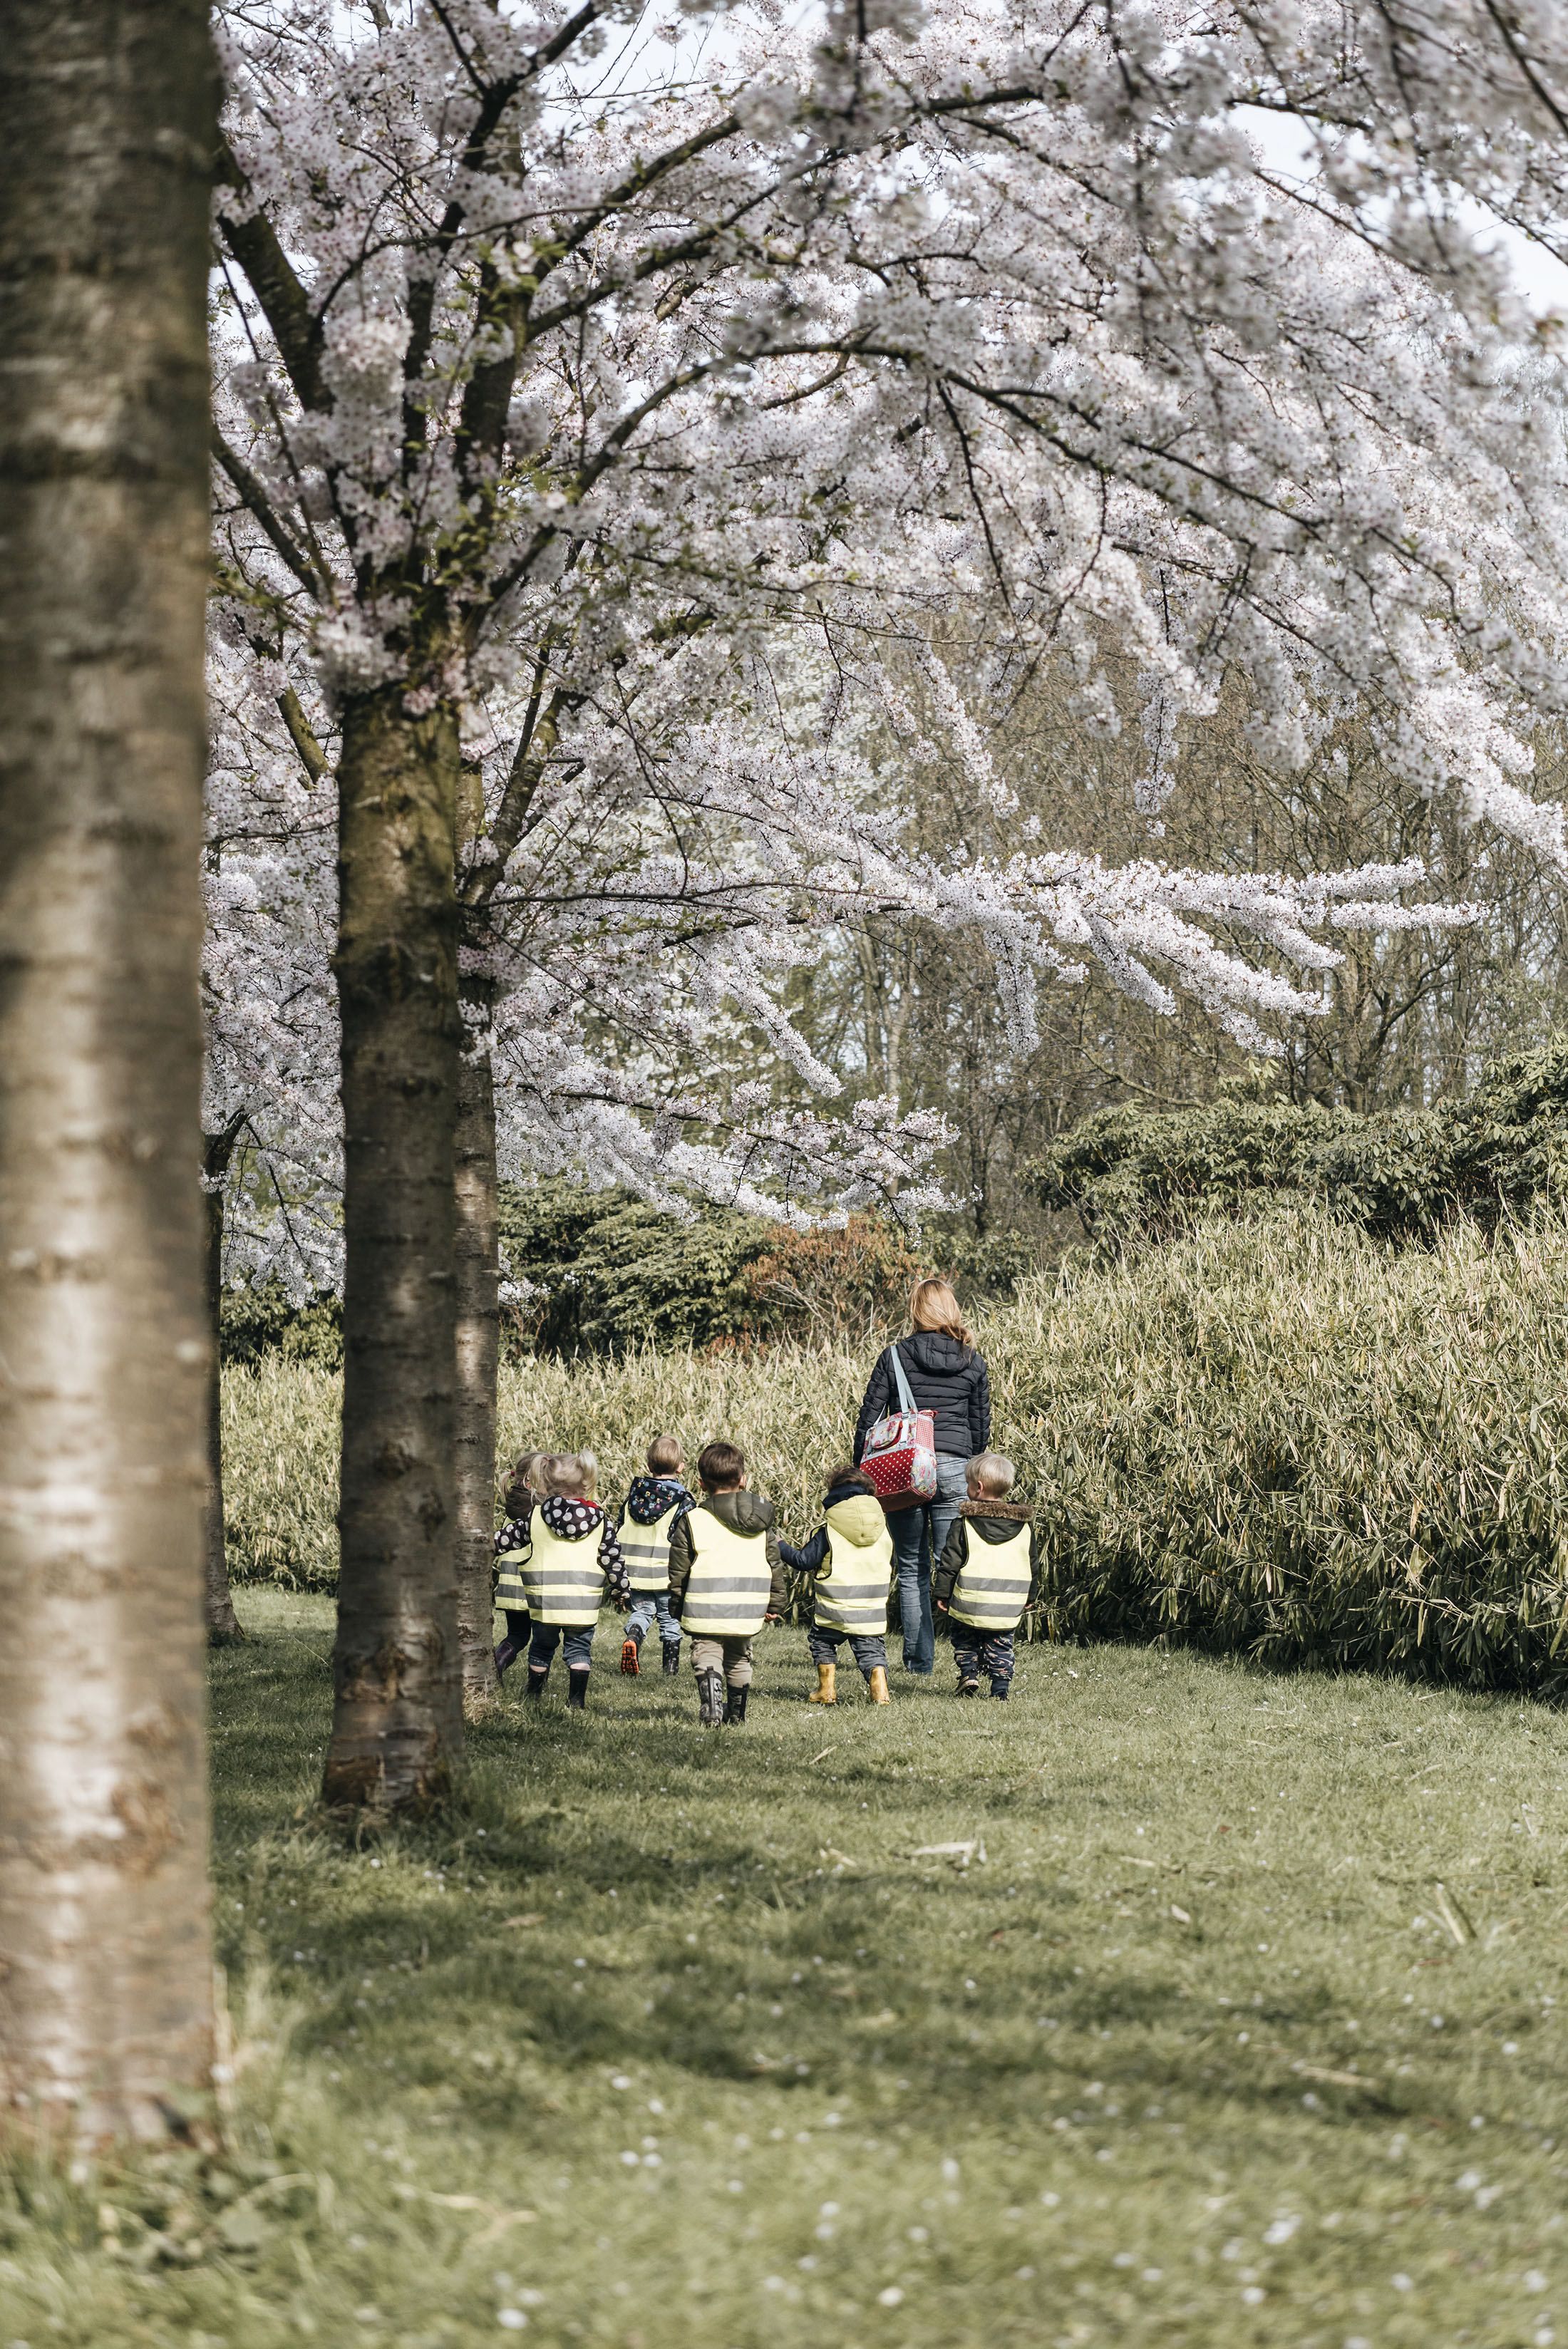 children kindergarden hanami park sakura cherry blossom spring flowers